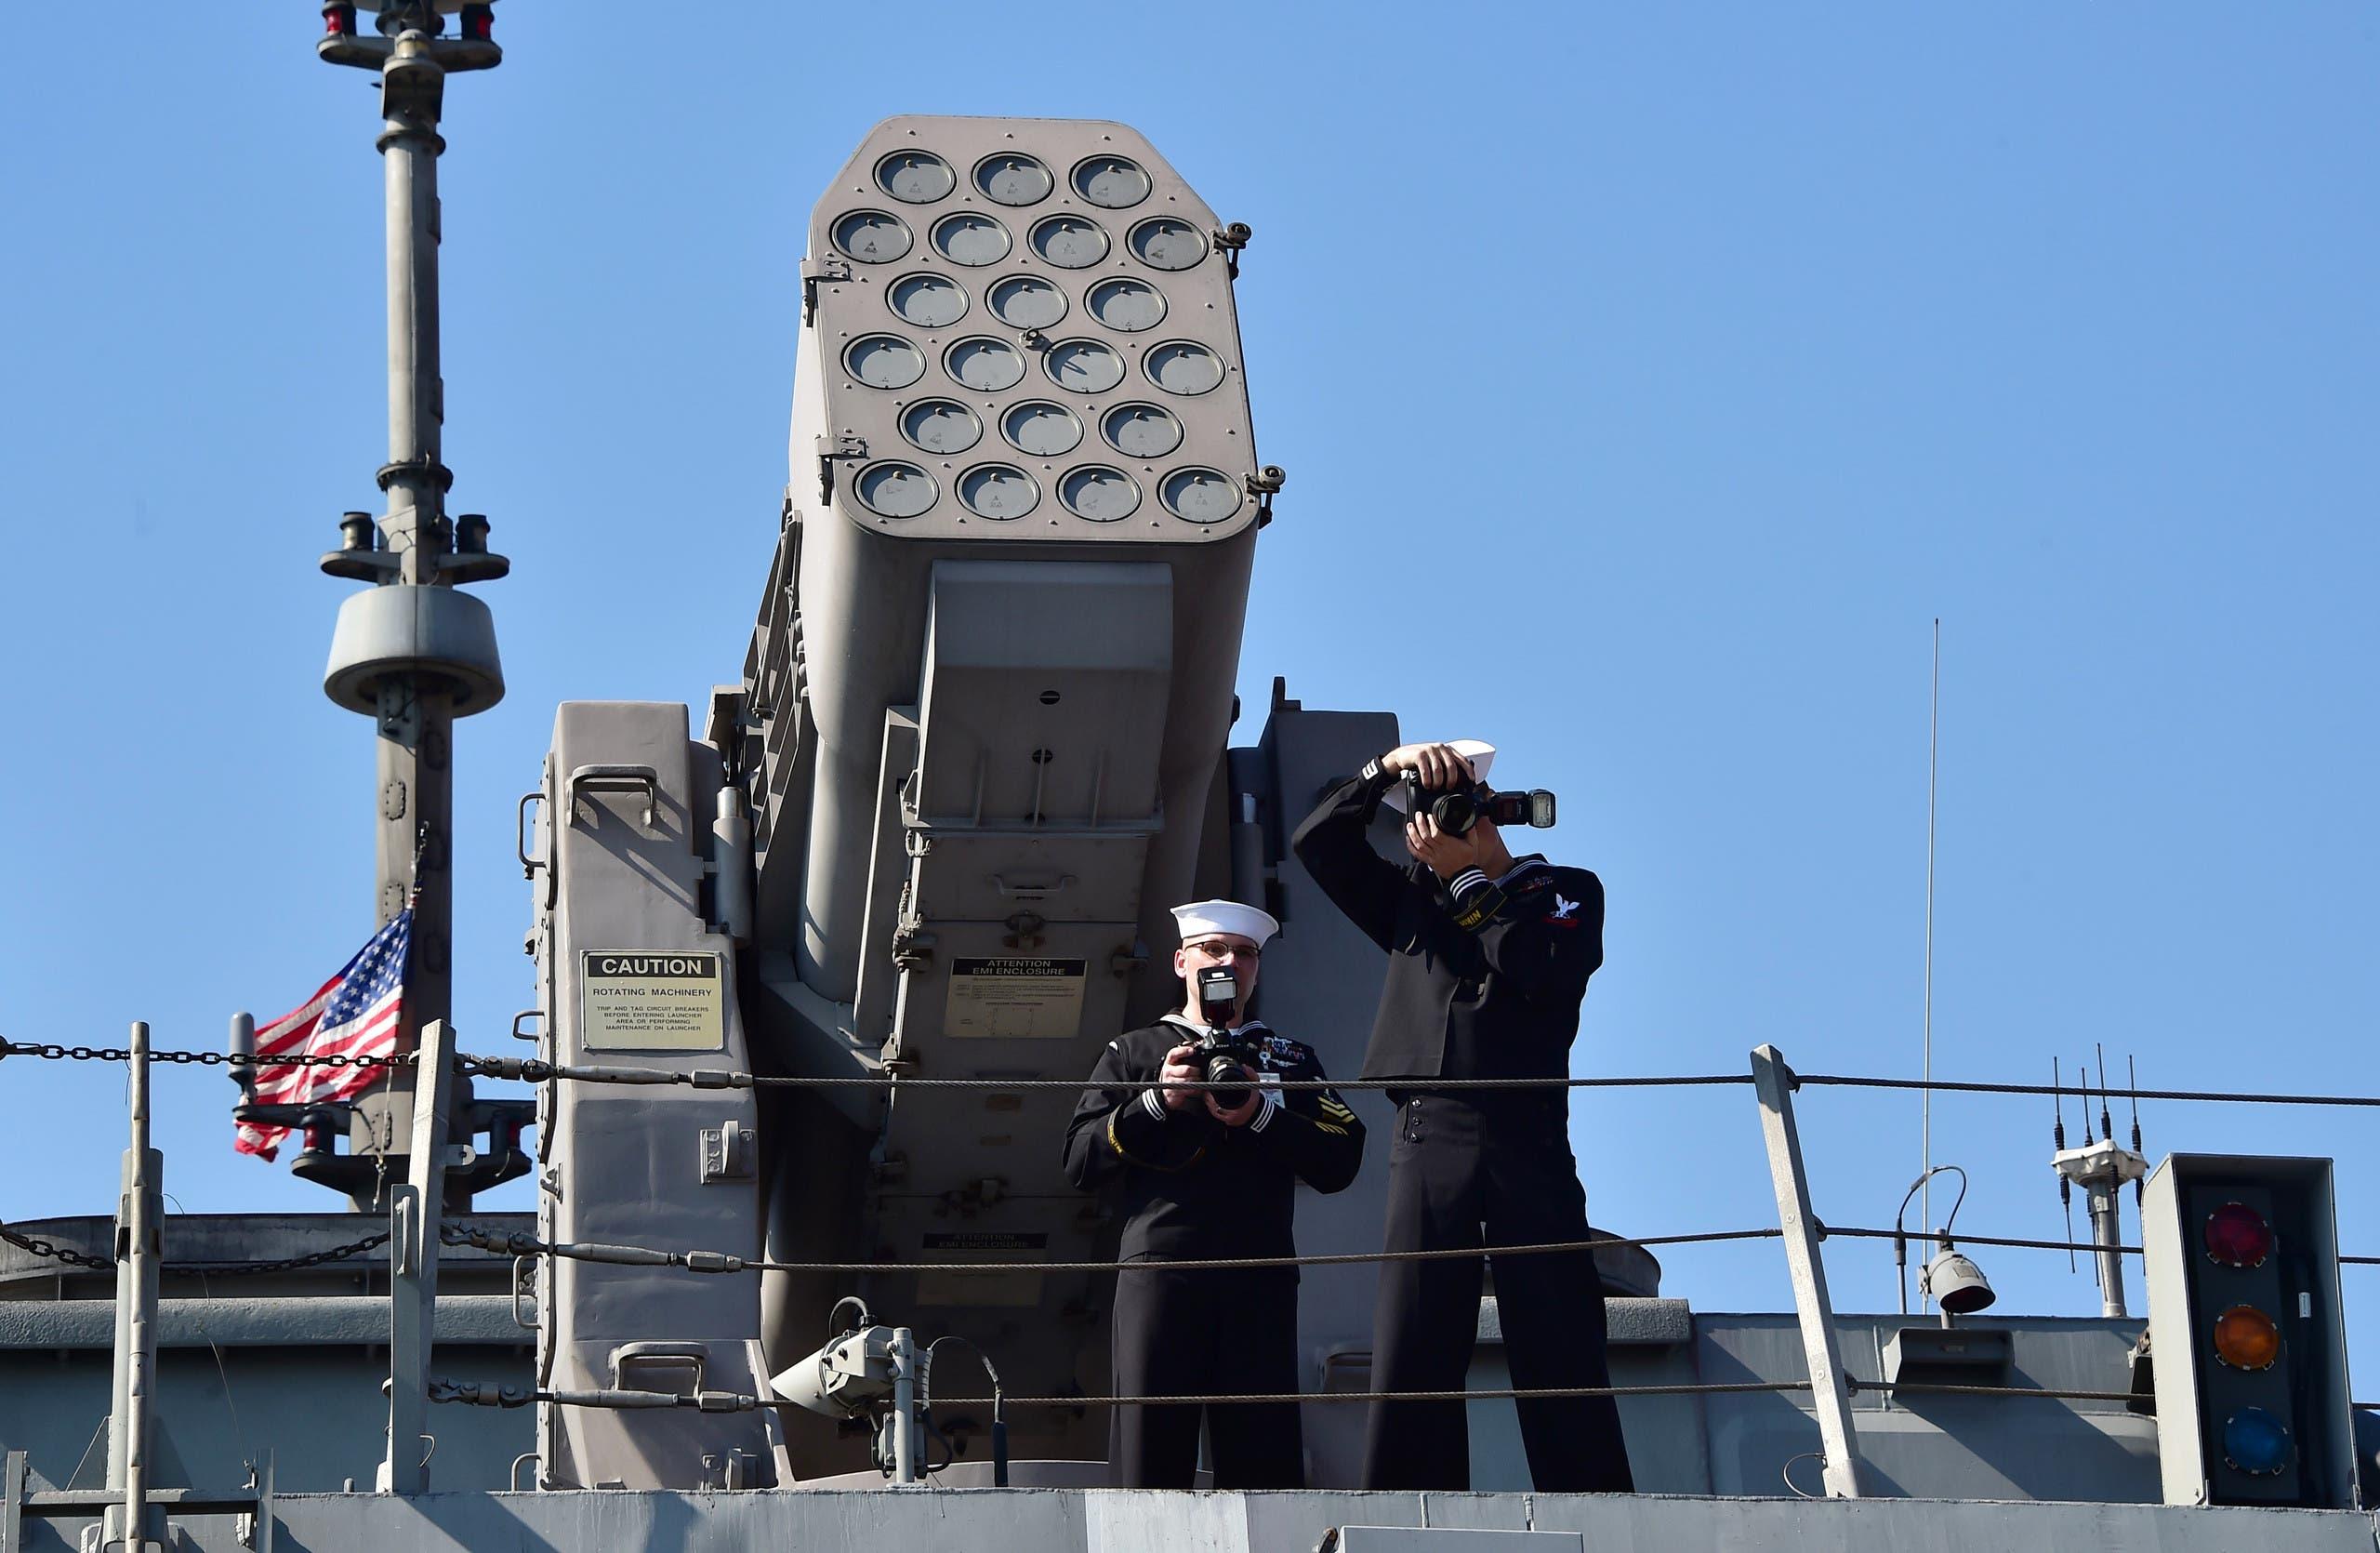 جنود أميركيون قرب منصة لإطلاق صواريخ من طراز RIM-116C في كوريا الجنوبية